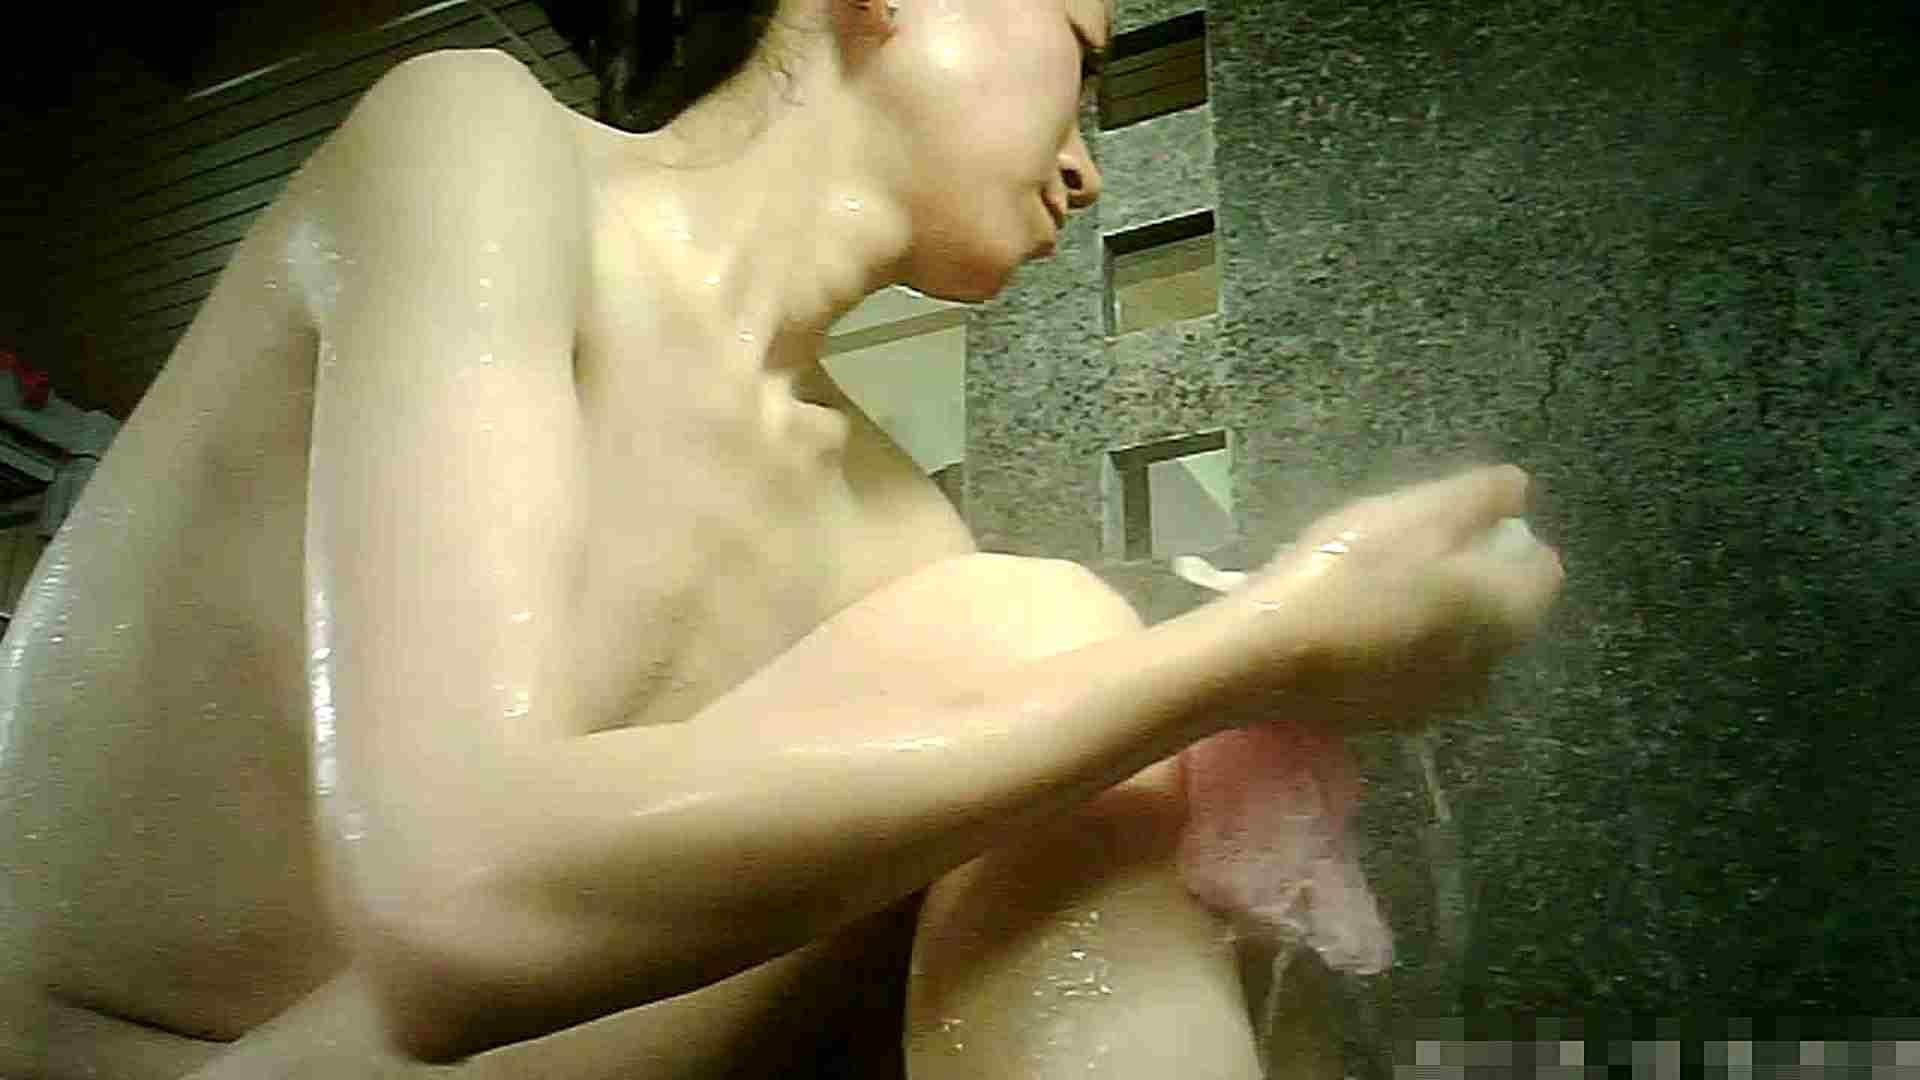 無修正ヌード|Vol.60 洗い場!とにかく清楚なお嬢様、右足はどうしたのでしょう・・・|怪盗ジョーカー